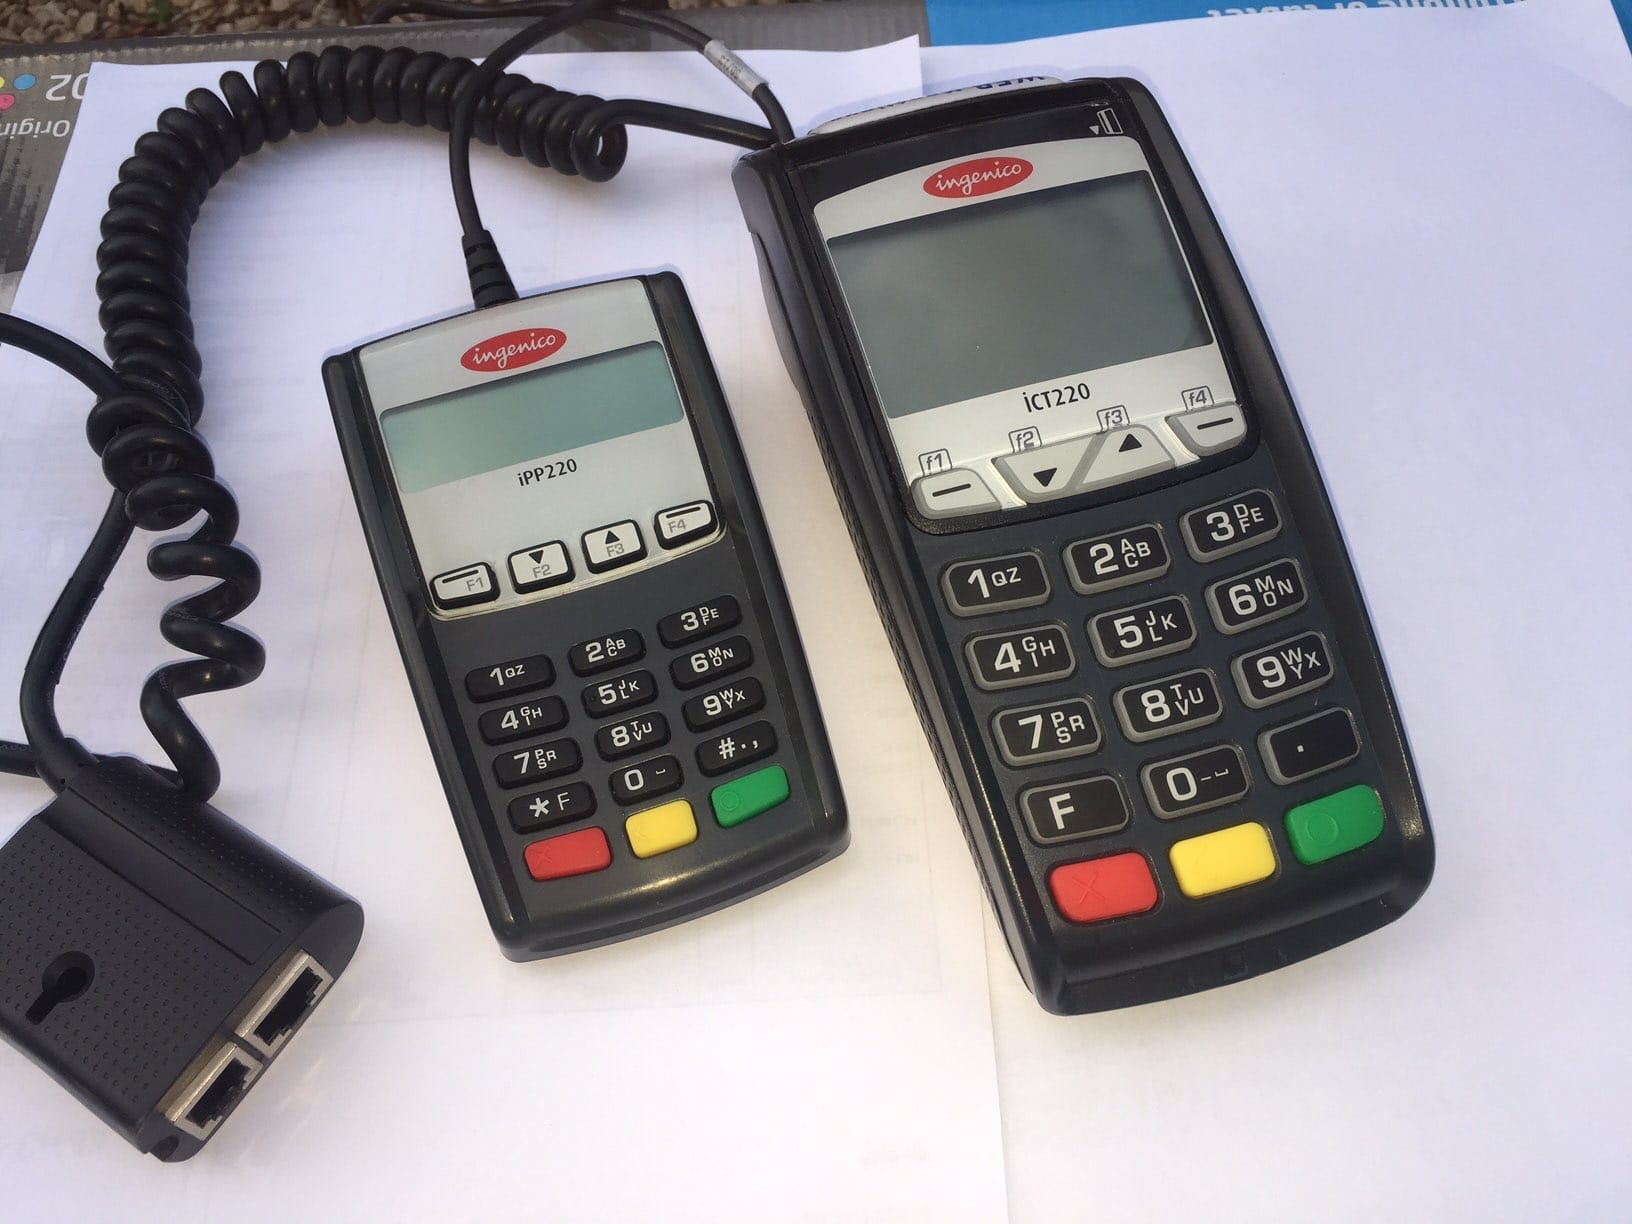 TPE fixe ICT 220